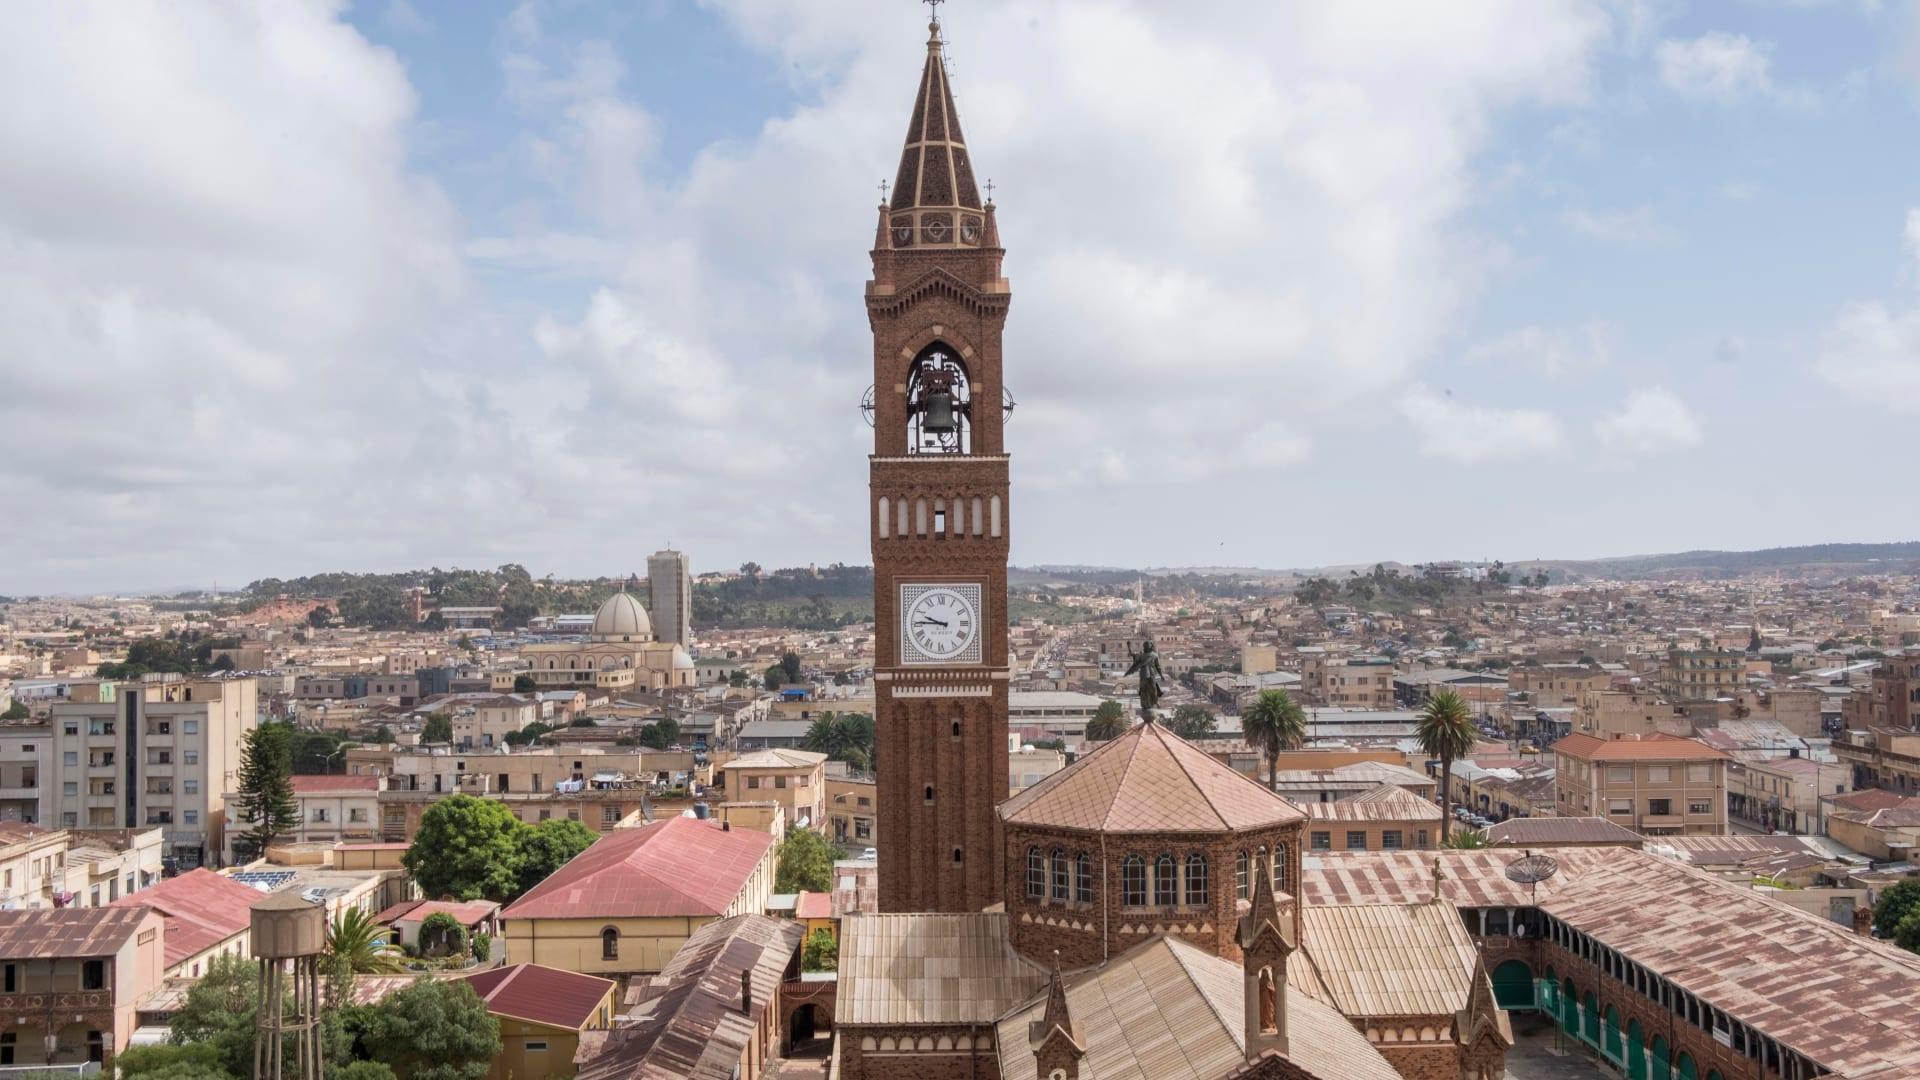 """زعيم منطقة تيغراي الإثيوبية يؤكد قصفه عاصمة إريتريا: """"بلادنا تهاجمنا بدولة أجنبية"""""""